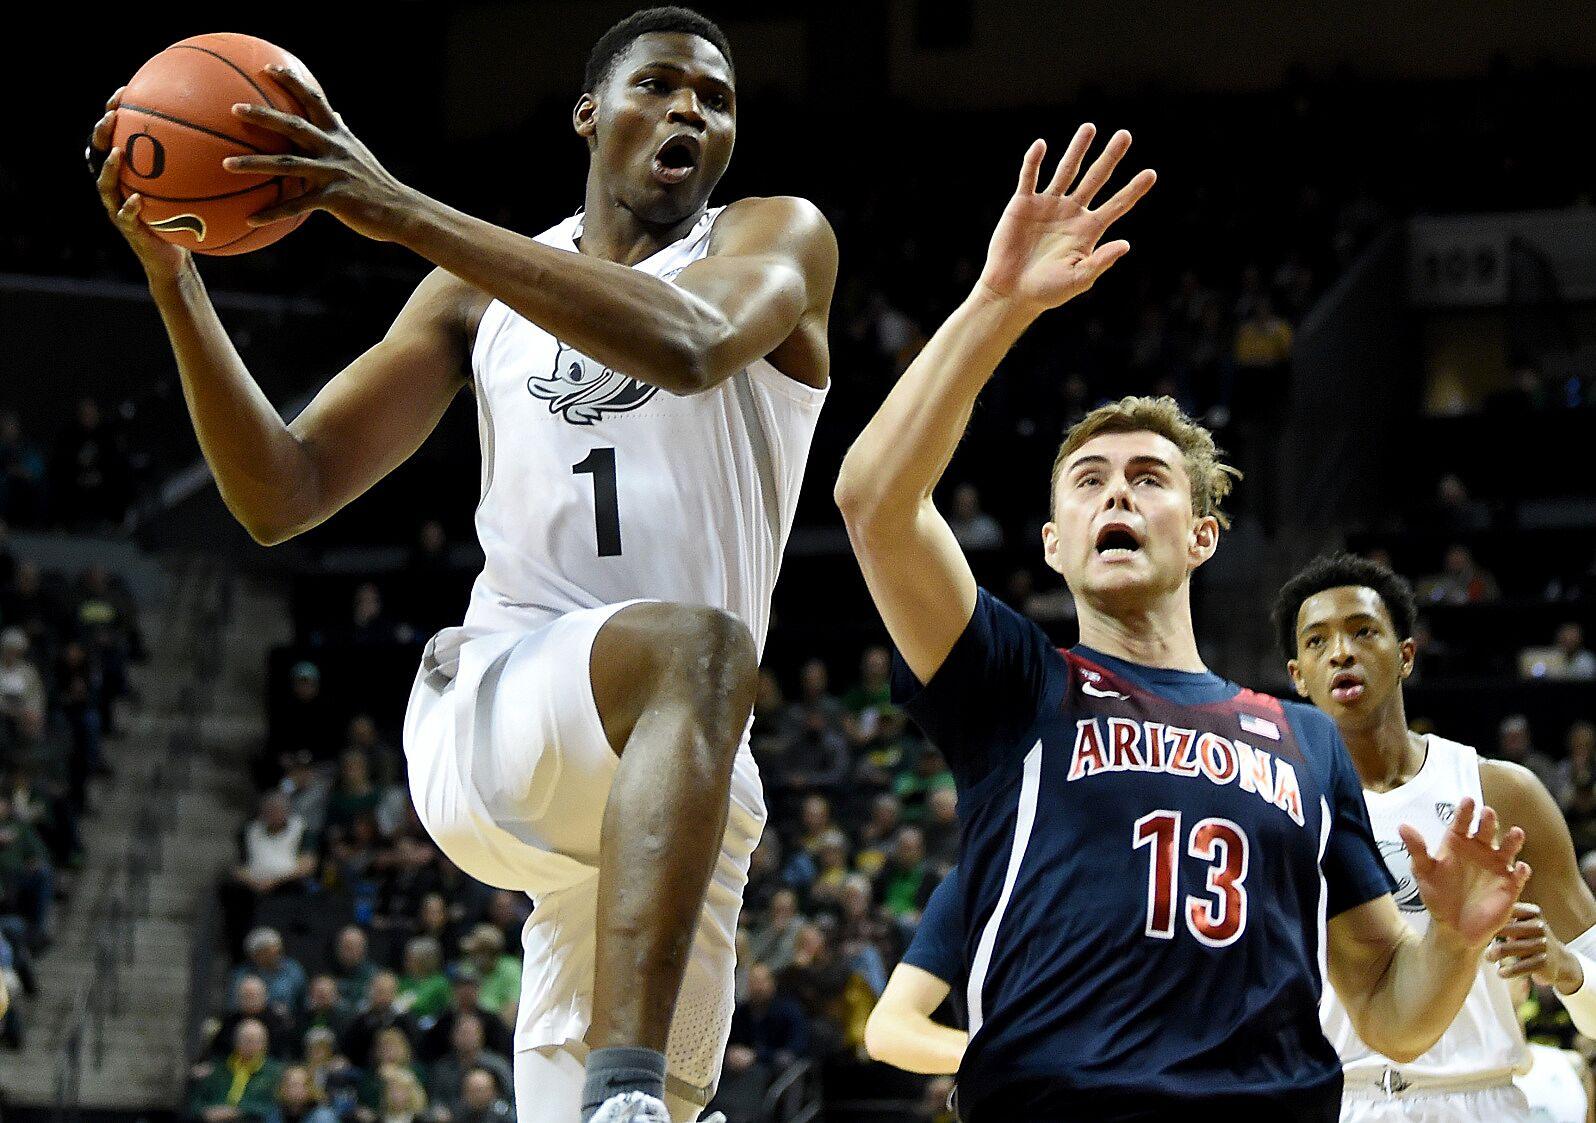 Ncaa Basketball Buy Sell Baylor Butler Osu Maryland And